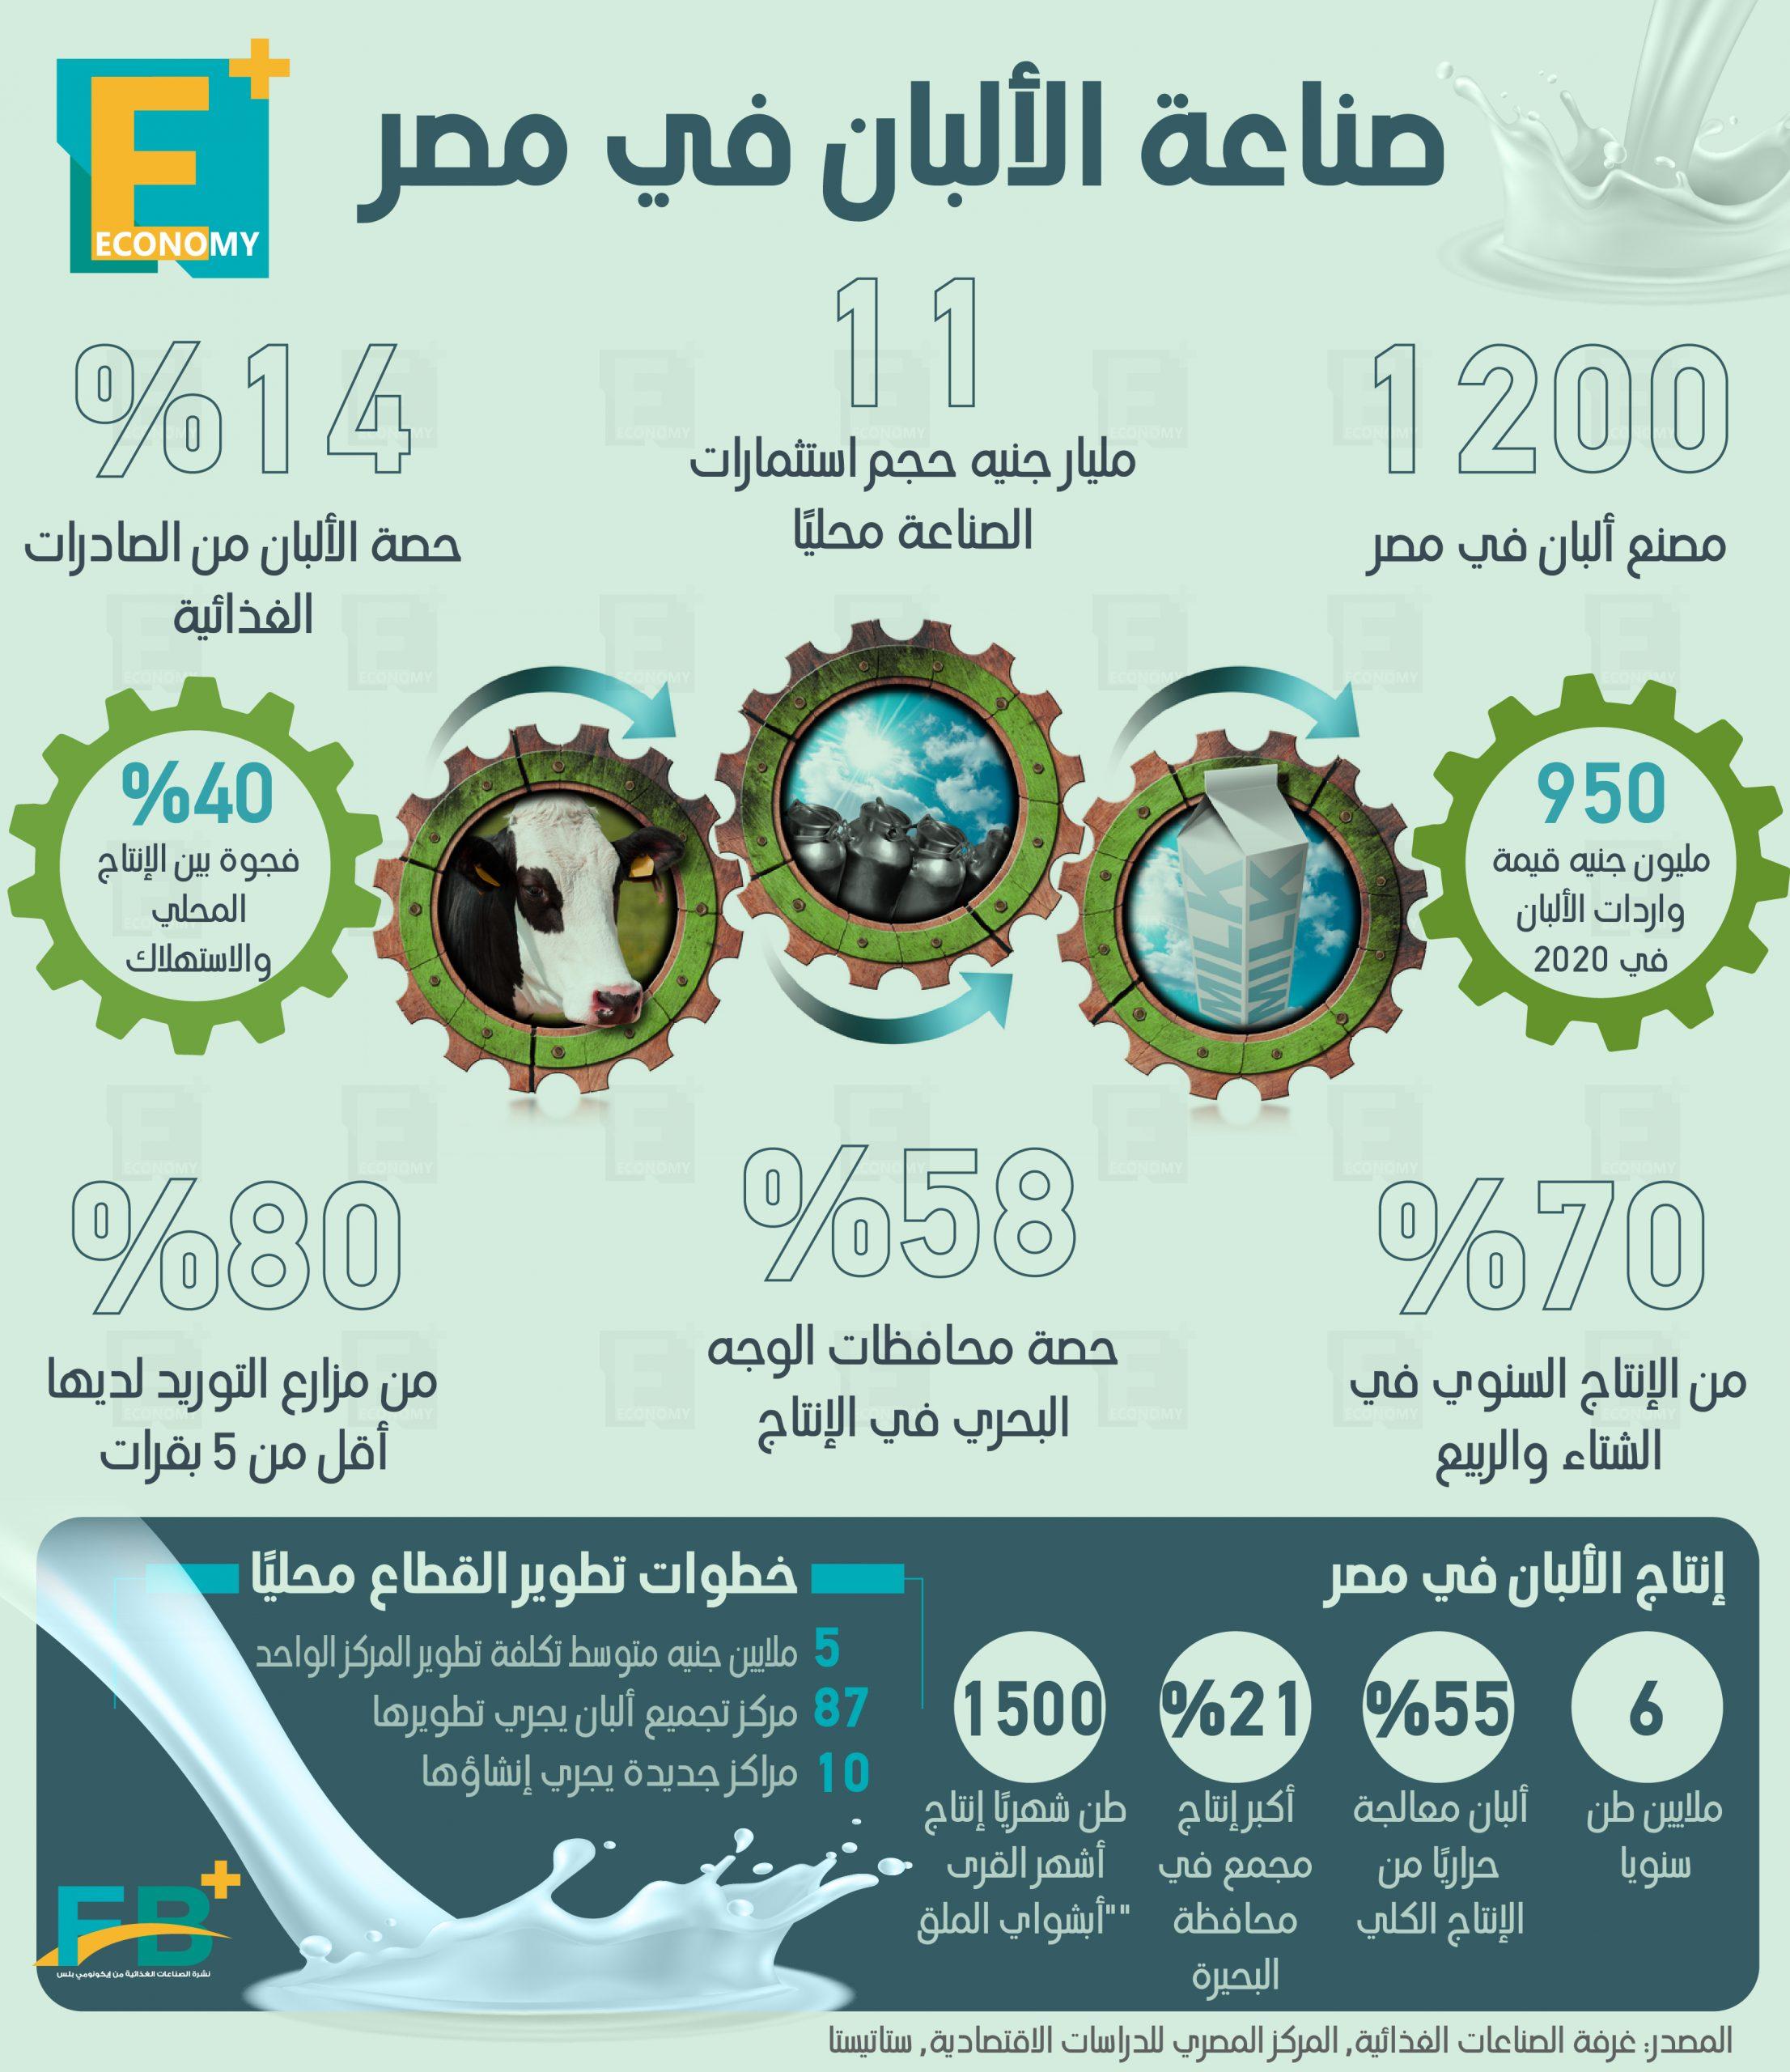 صادرات الألبان المصرية تستحوذ على 14% من الصادرات الغذائية